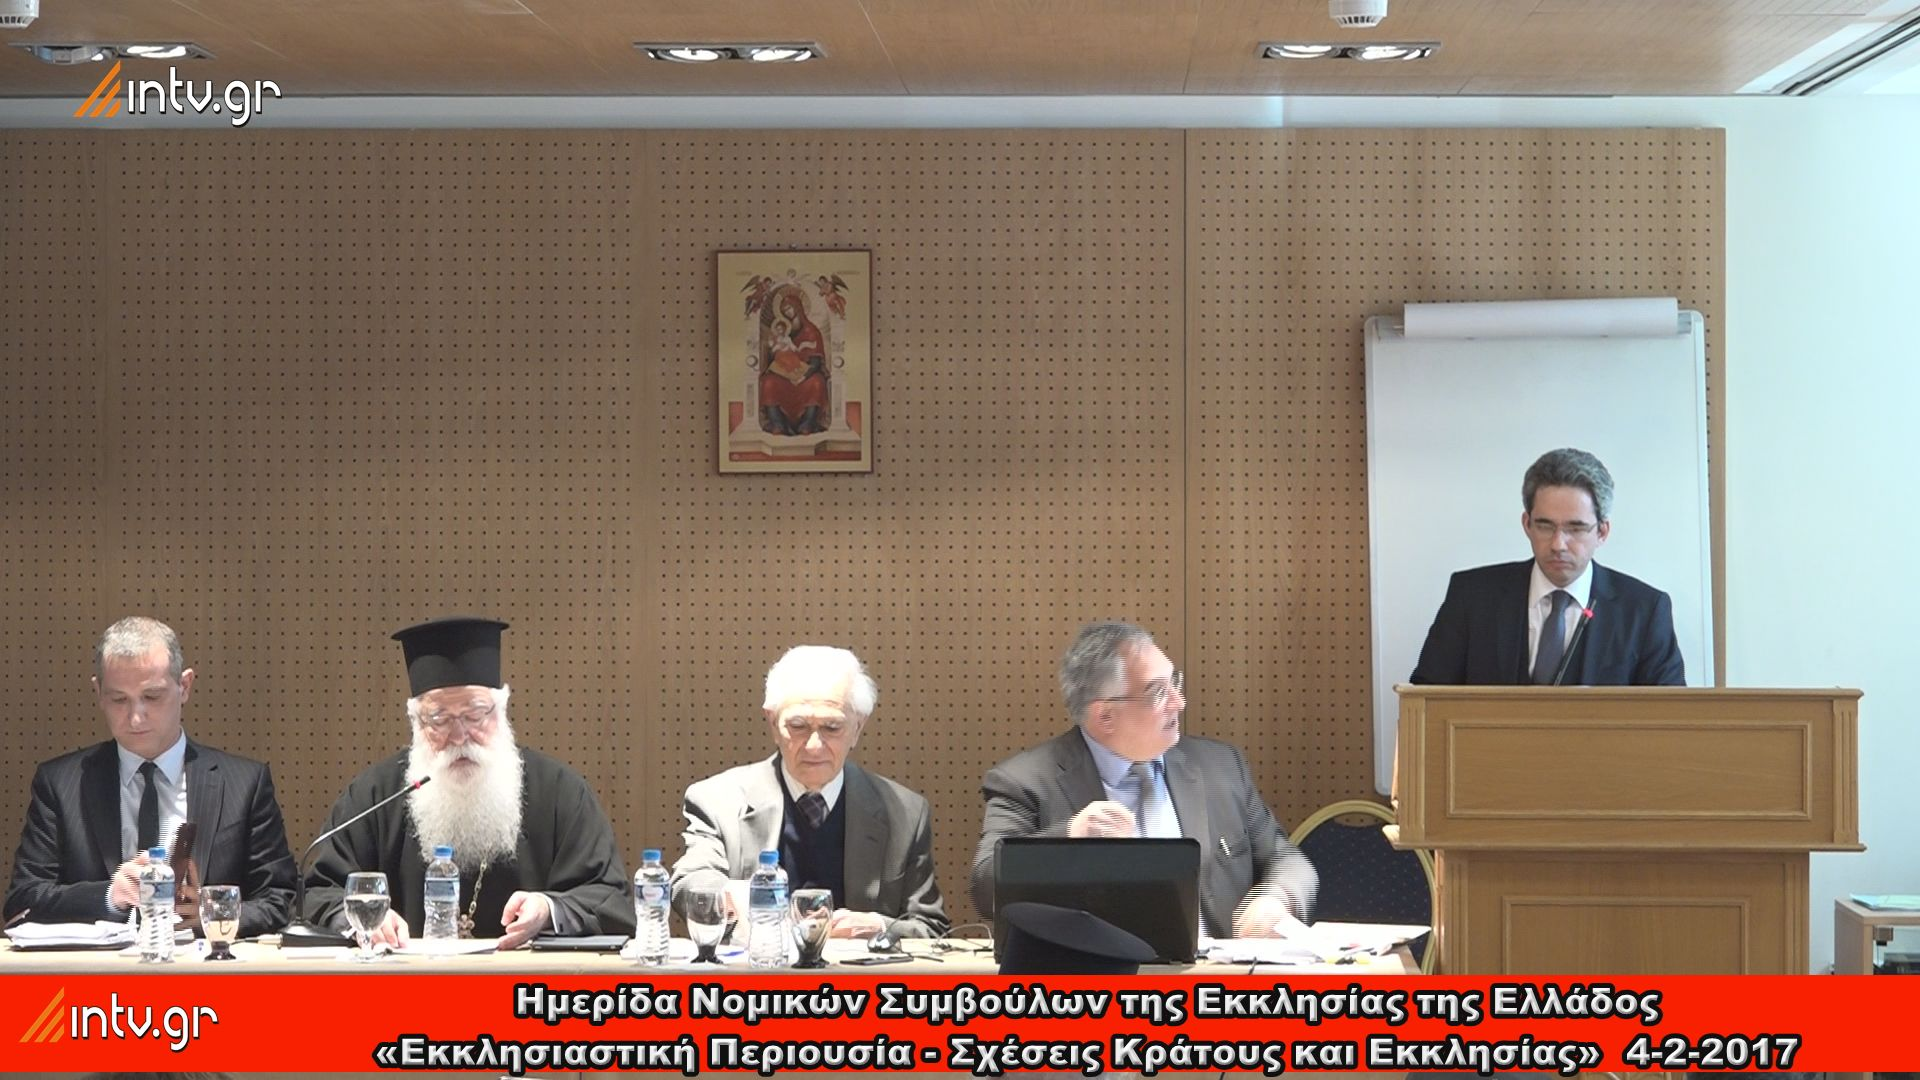 Ιερά Σύνοδος της Εκκλησίας της Ελλάδος - Ημερίδα νομικών συμβούλων της Εκκλησίας της Ελλάδος με θέμα: «Εκκλησιαστική Περιουσία - Σχέσεις Κράτους και Εκκλησίας»